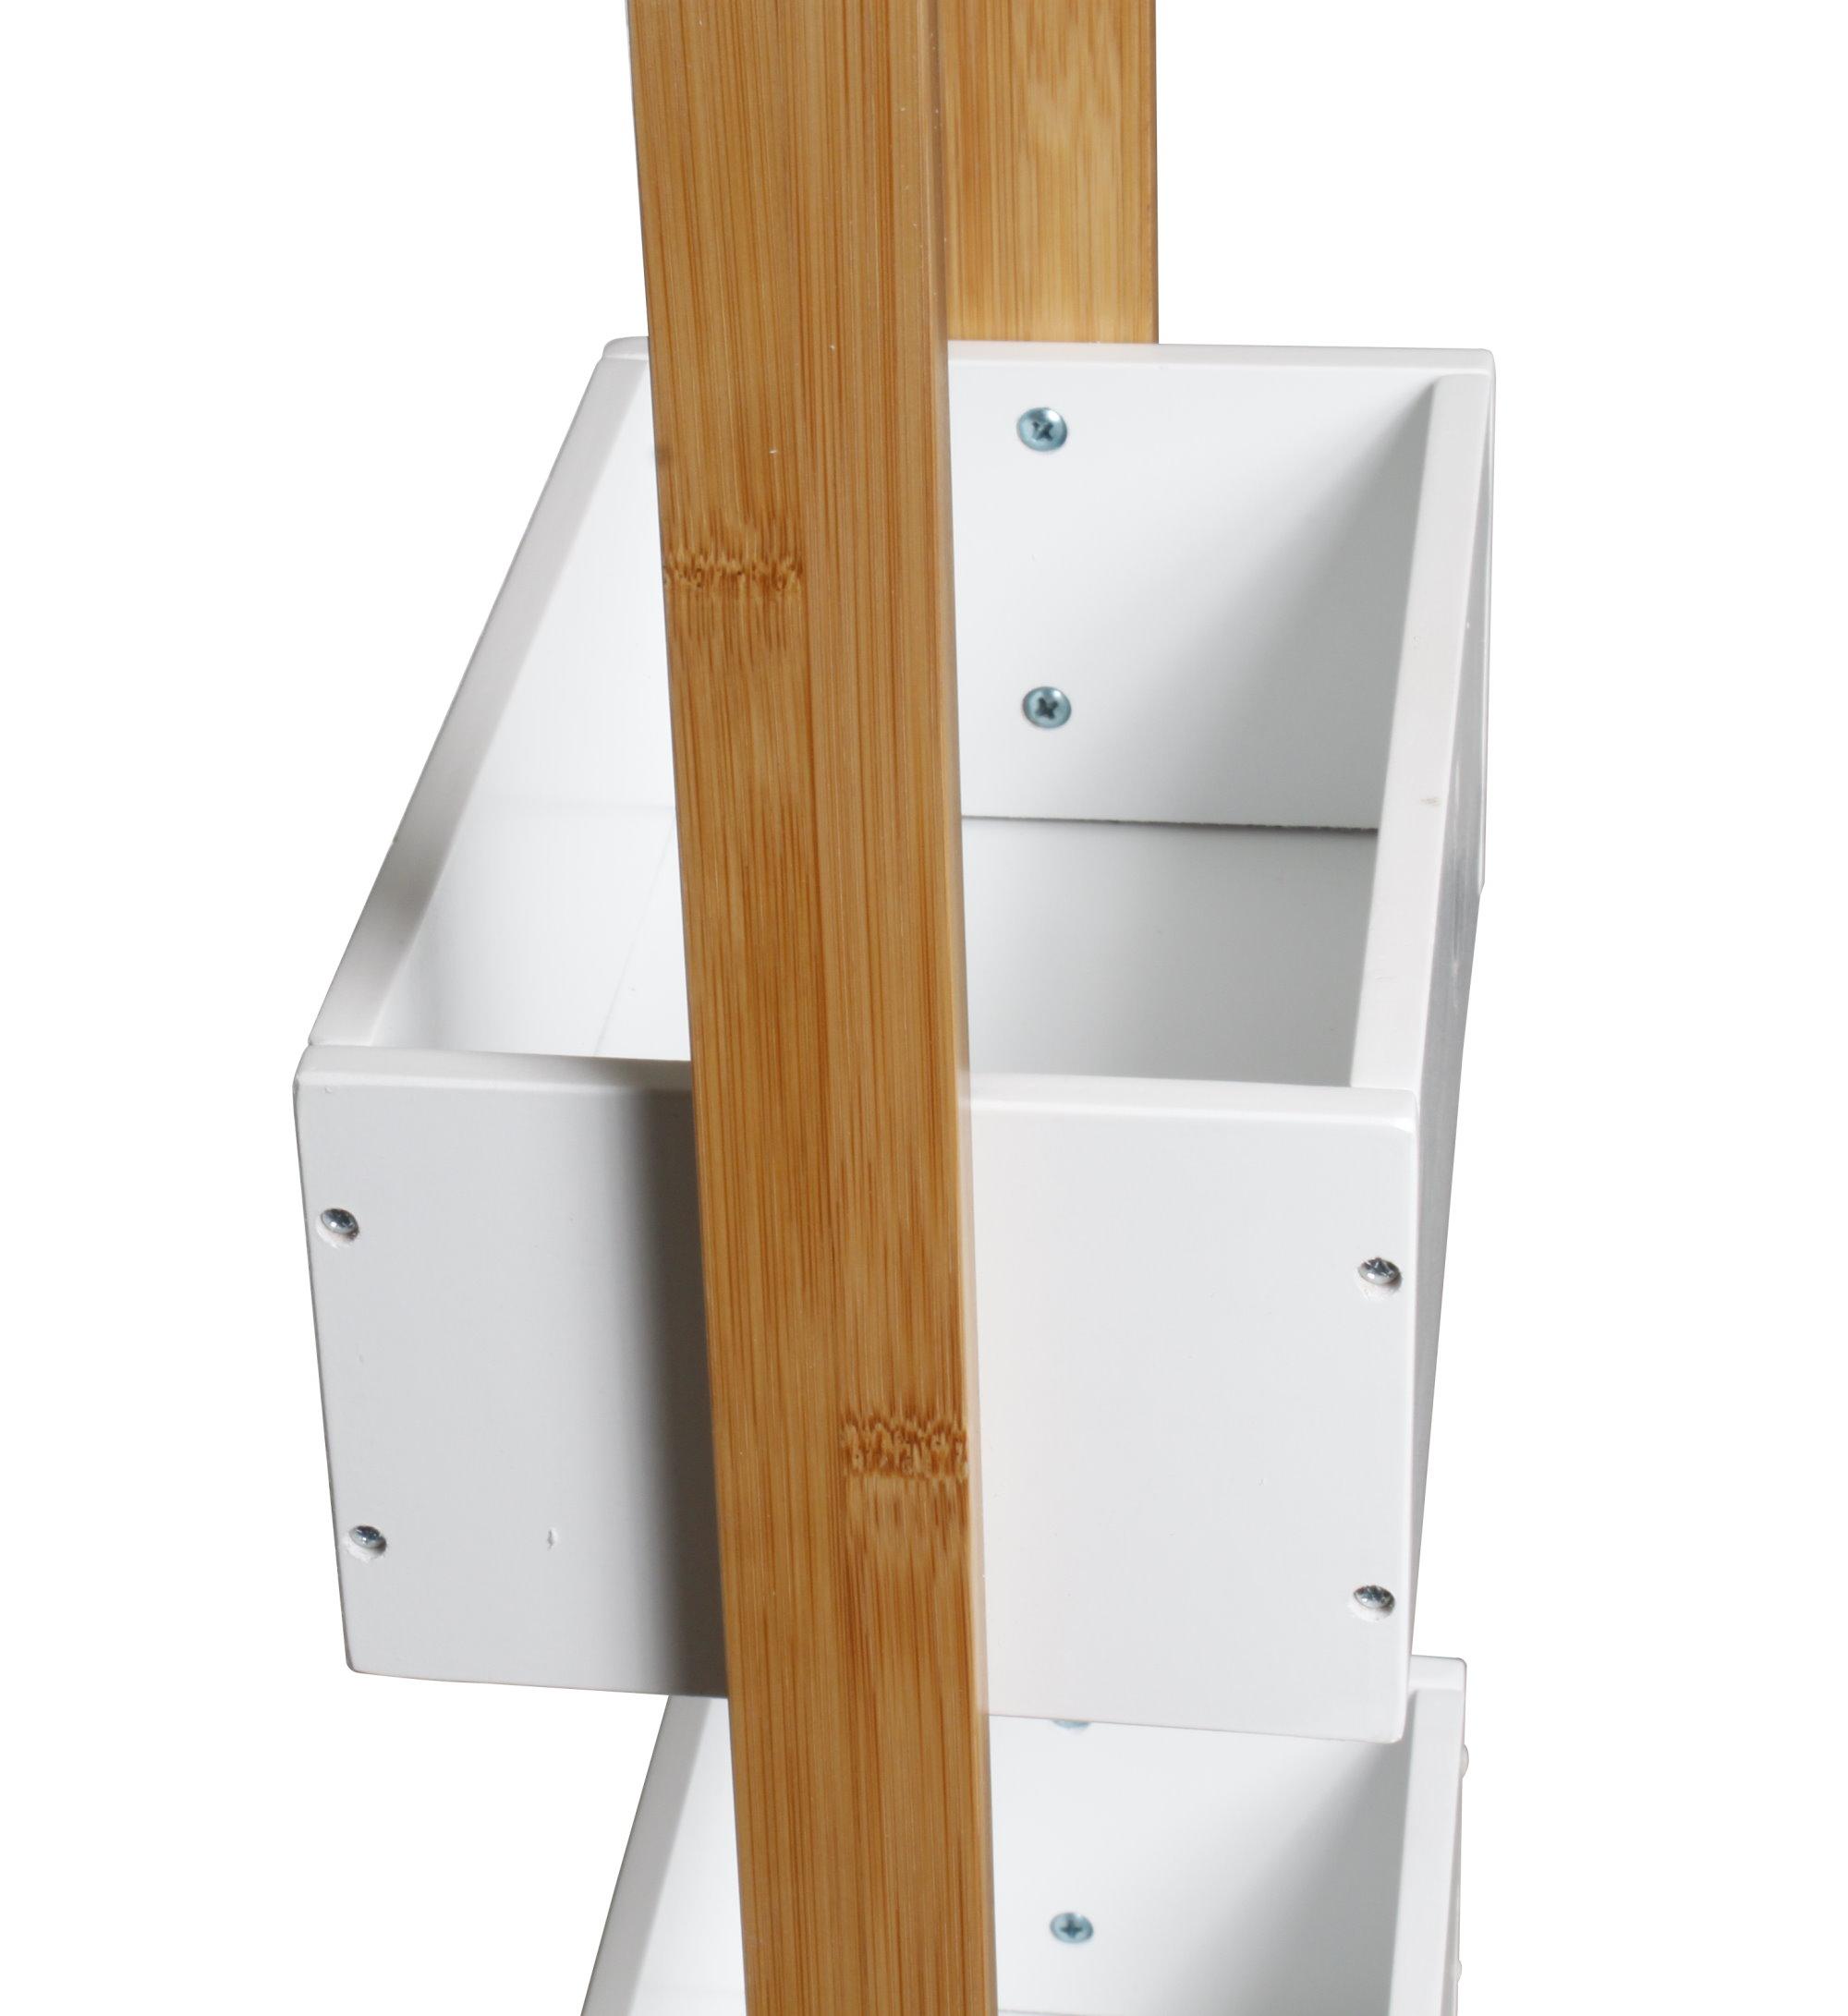 massiv holz bambus badregal mit 3 ablagen regal bad badezimmer standregal m bel. Black Bedroom Furniture Sets. Home Design Ideas